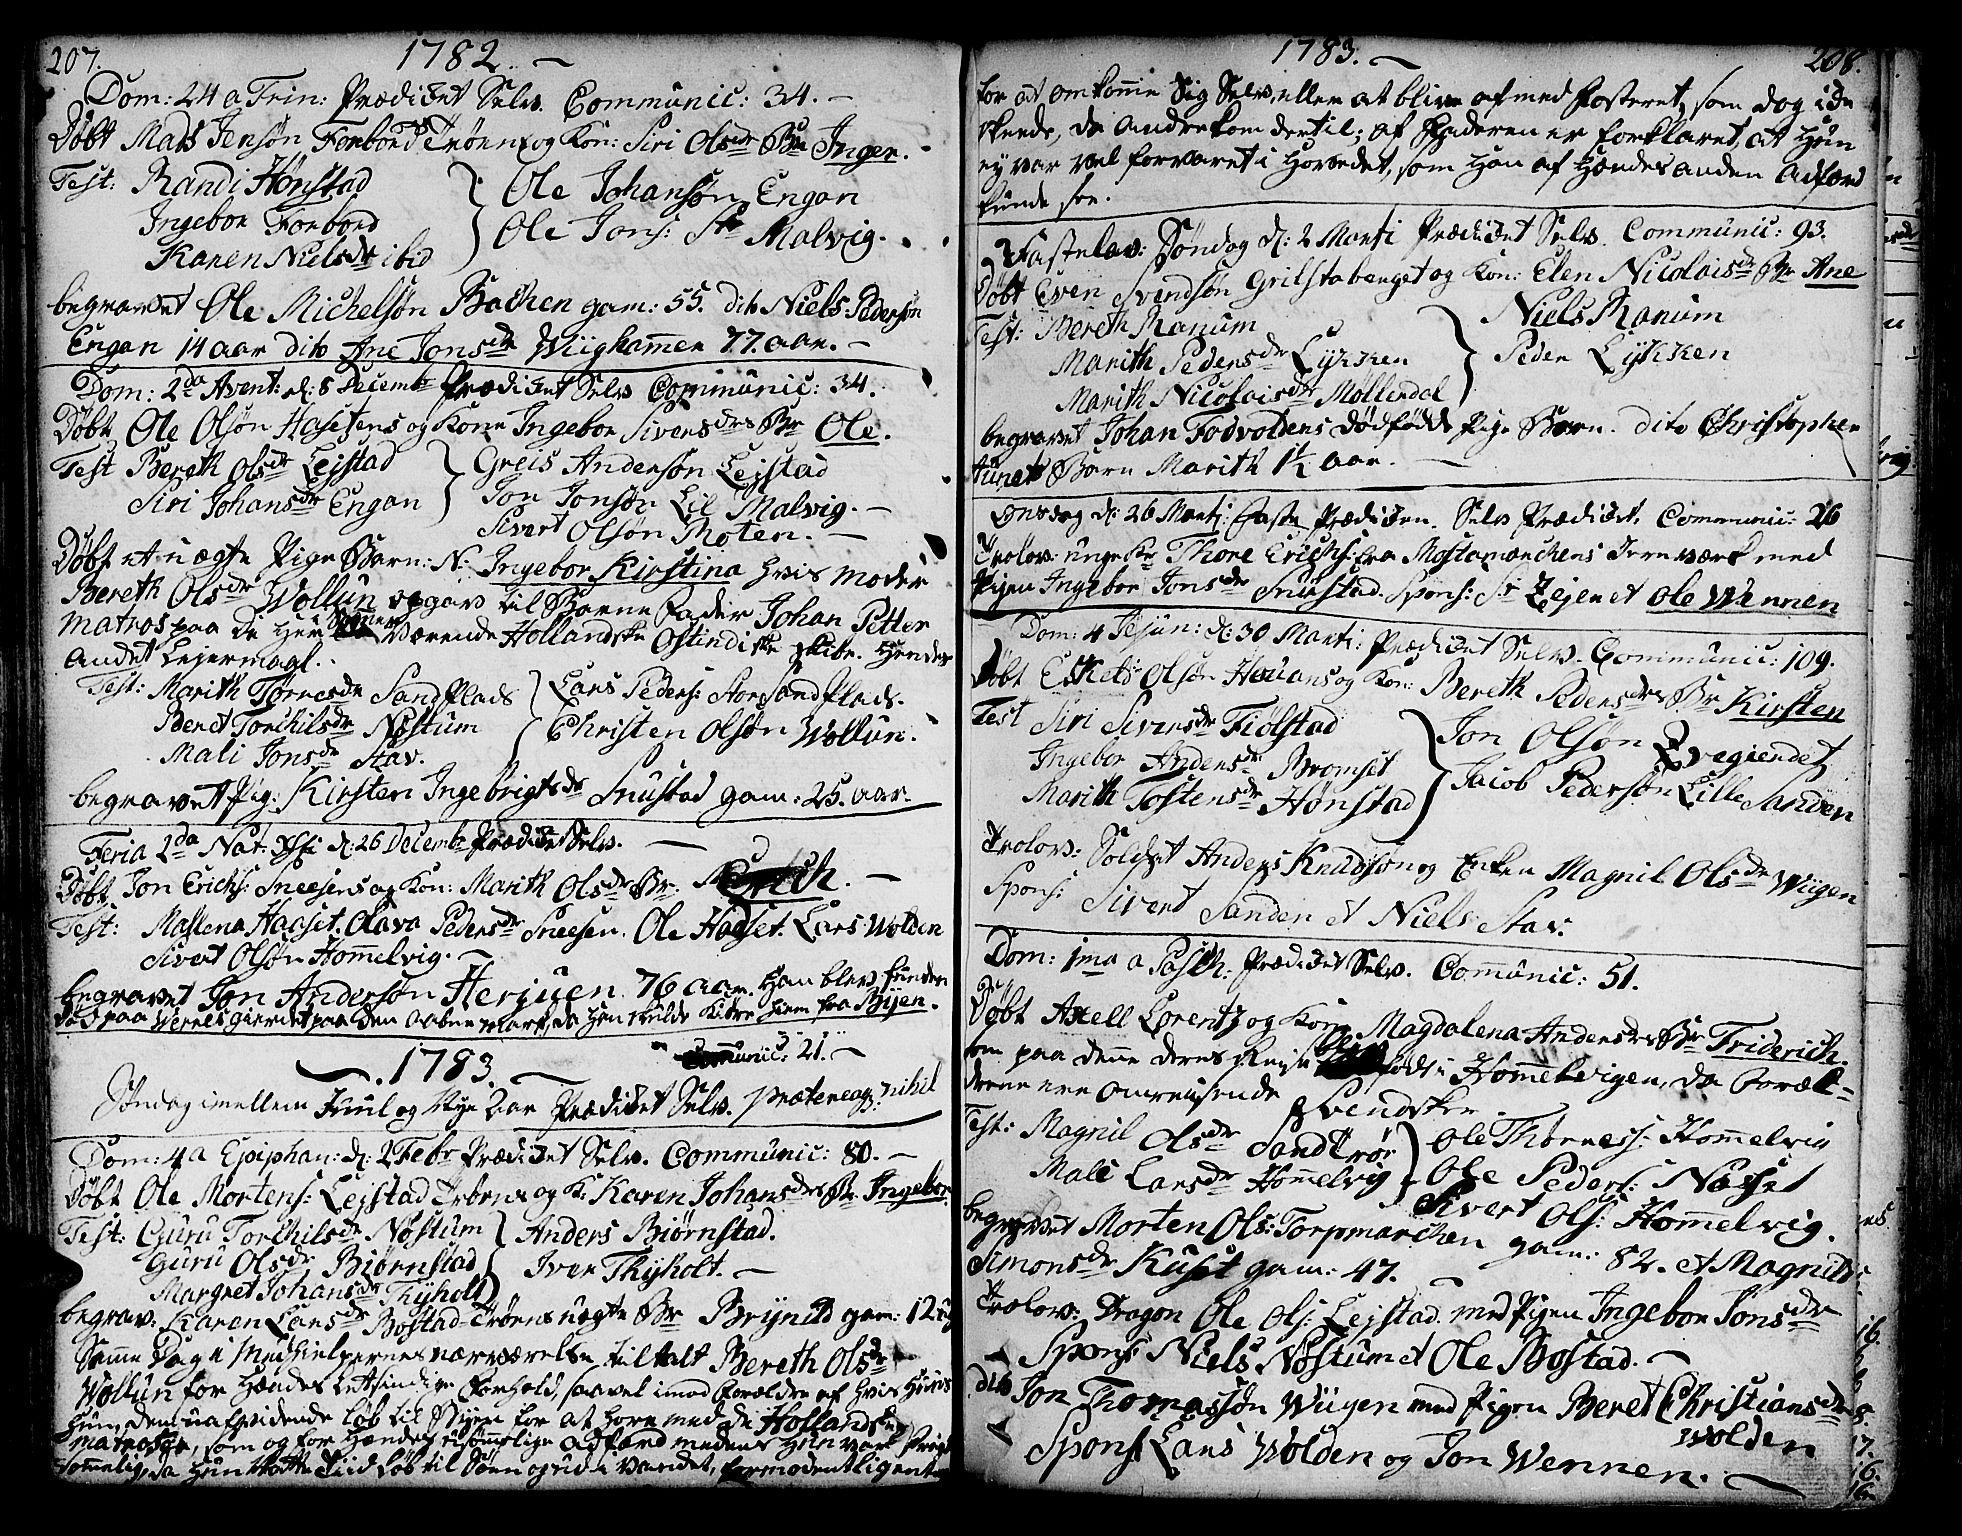 SAT, Ministerialprotokoller, klokkerbøker og fødselsregistre - Sør-Trøndelag, 606/L0281: Ministerialbok nr. 606A02 /2, 1781-1817, s. 207-208